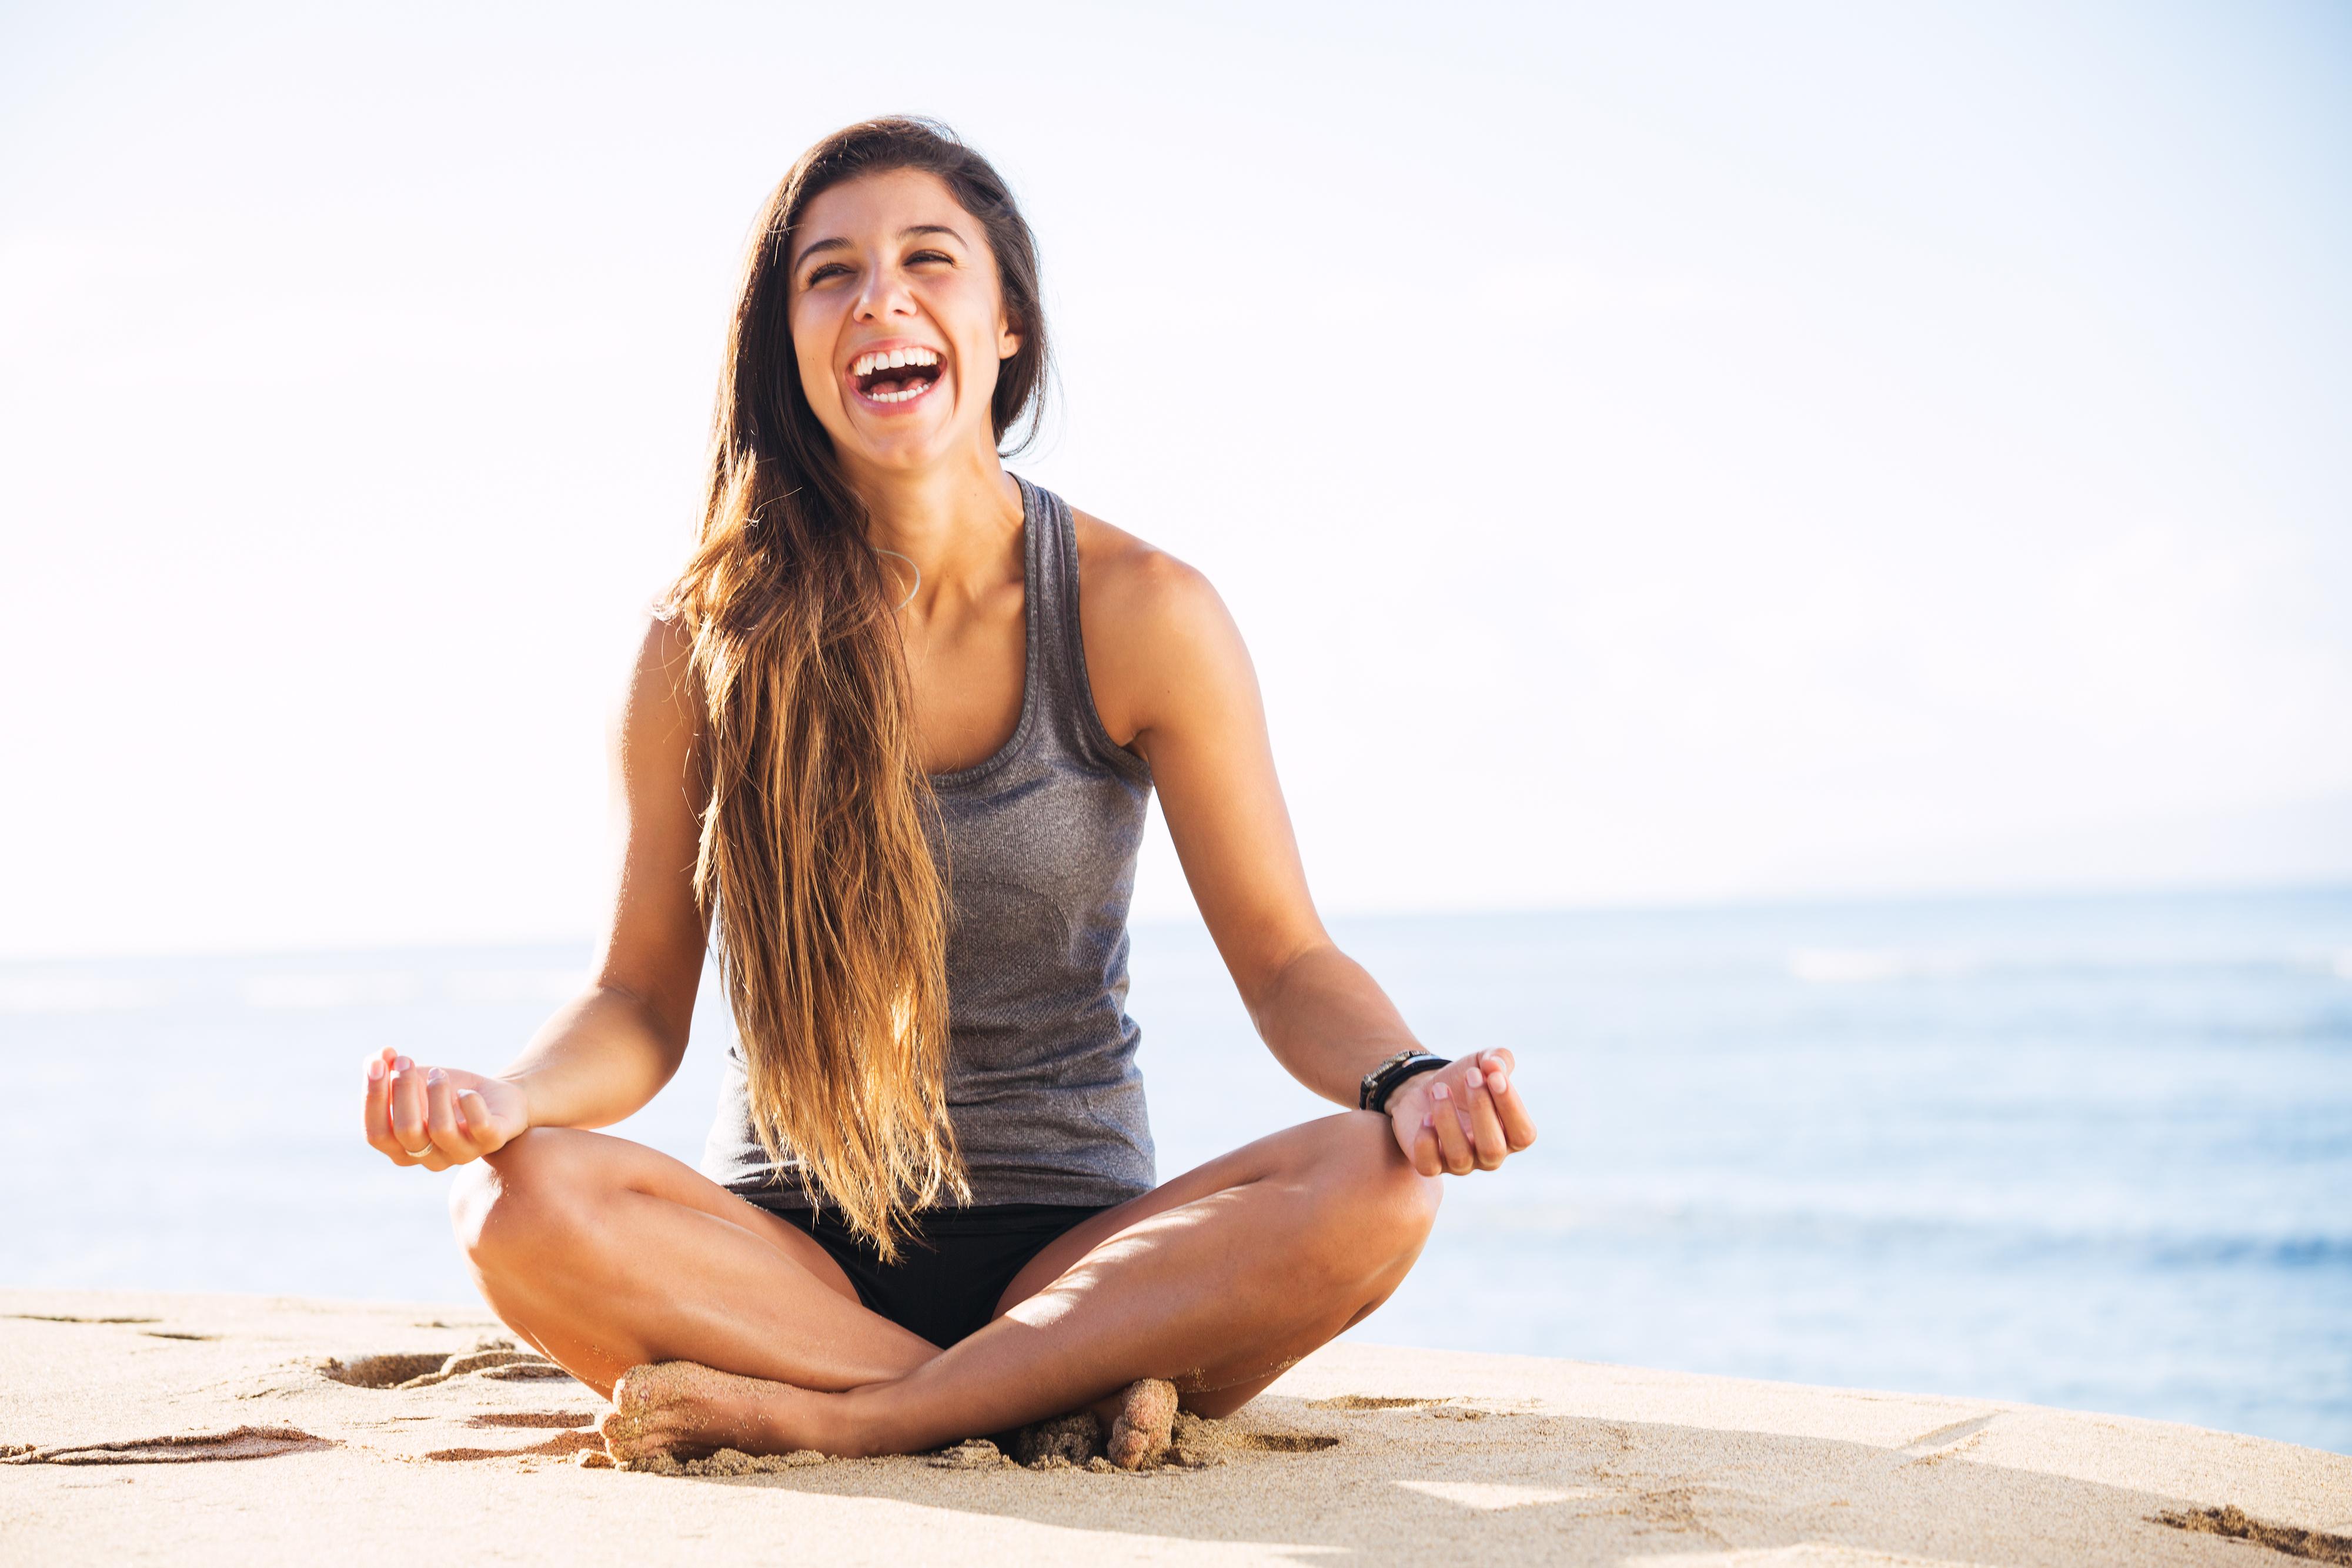 Consejos saludables para una vuelta de vacaciones feliz